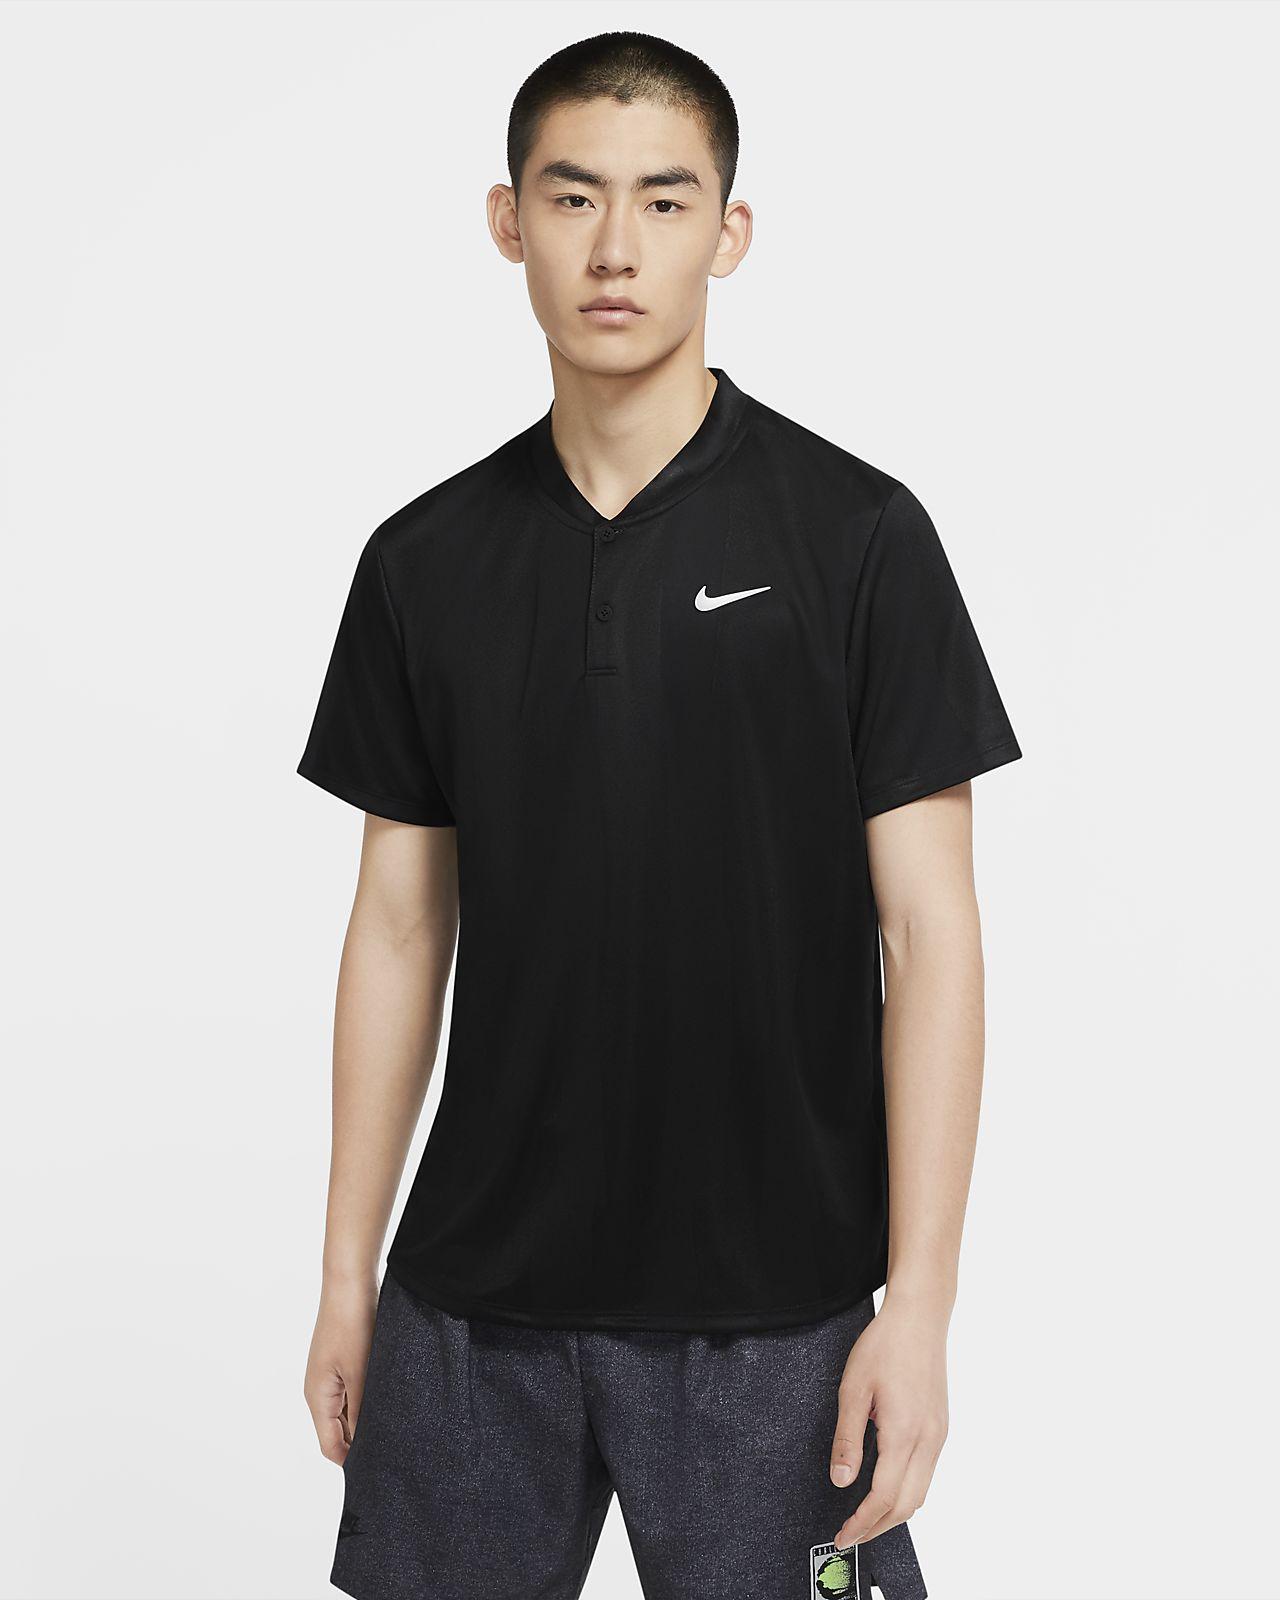 เสื้อโปโลเทนนิสผู้ชายพิมพ์ลาย NikeCourt Dri-FIT